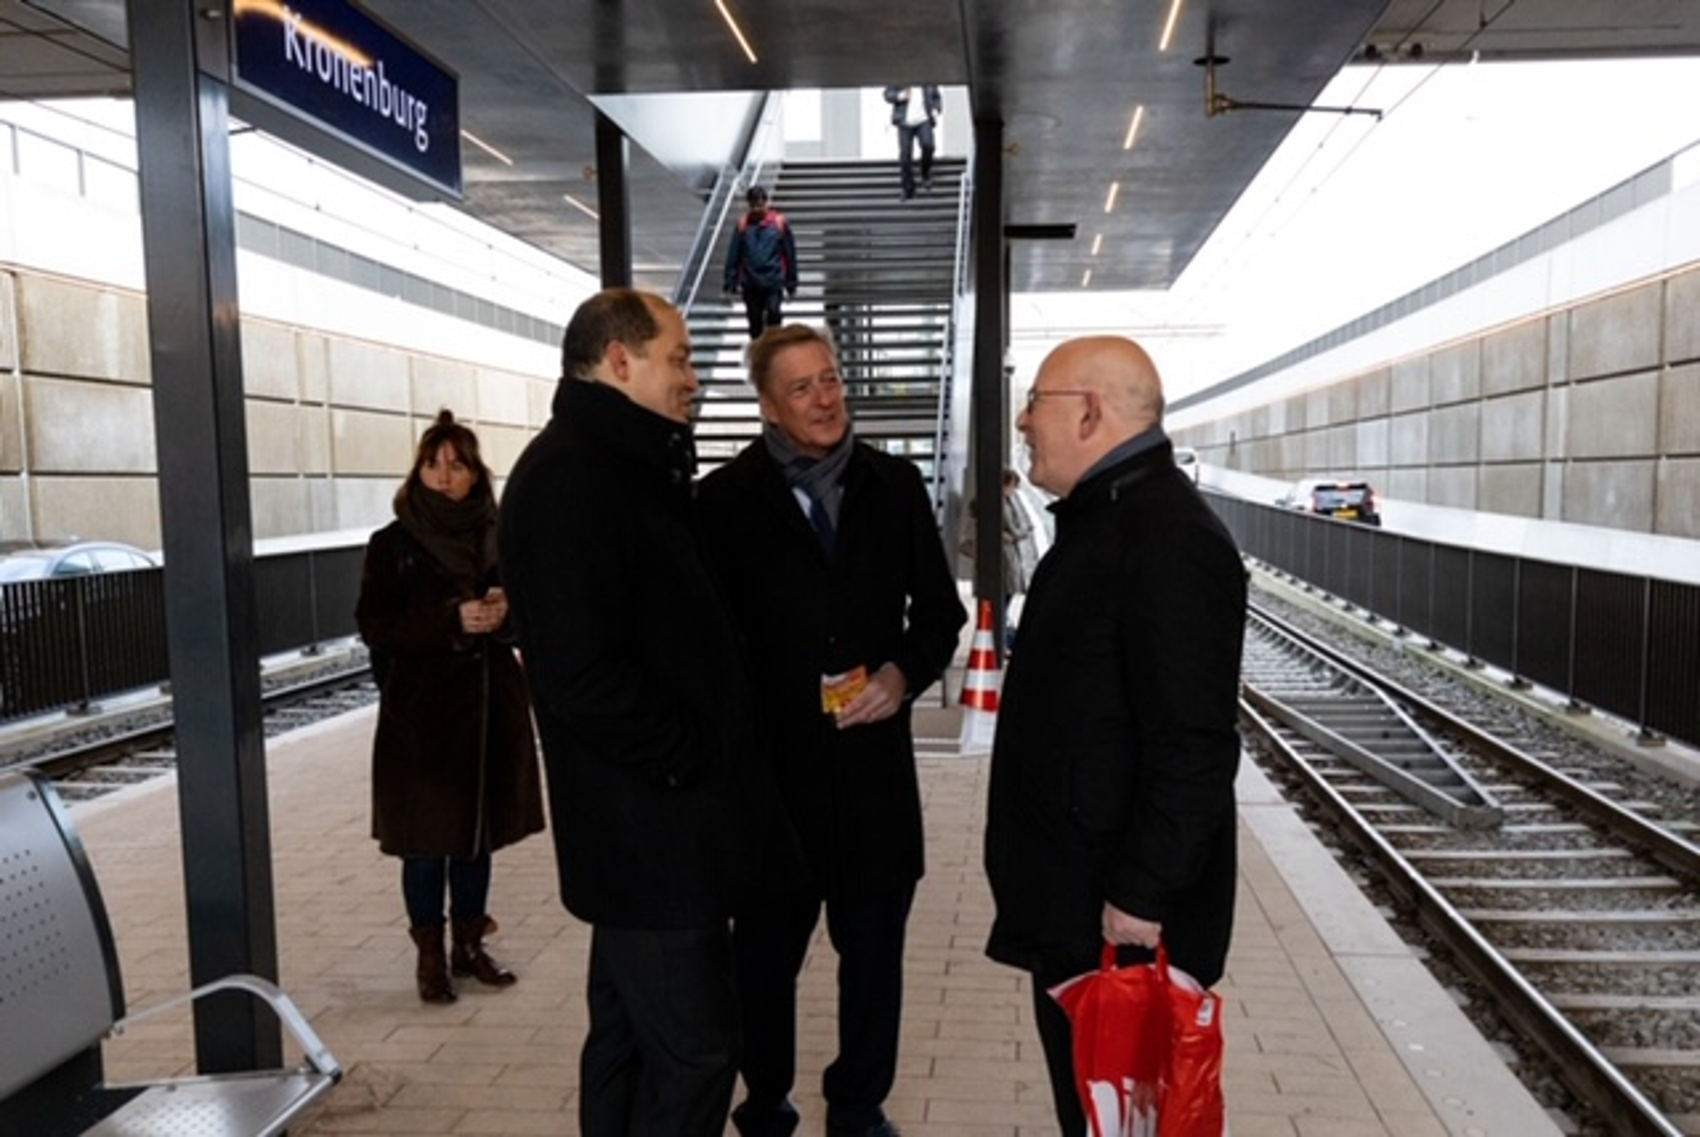 Tijd voor een praatje op de net geopende halte met wethouder Rob Ellermeijer en Jean-Philippe de Lannoy, opdrachtgever van het project namens de Vervoerregio Amsterdam.